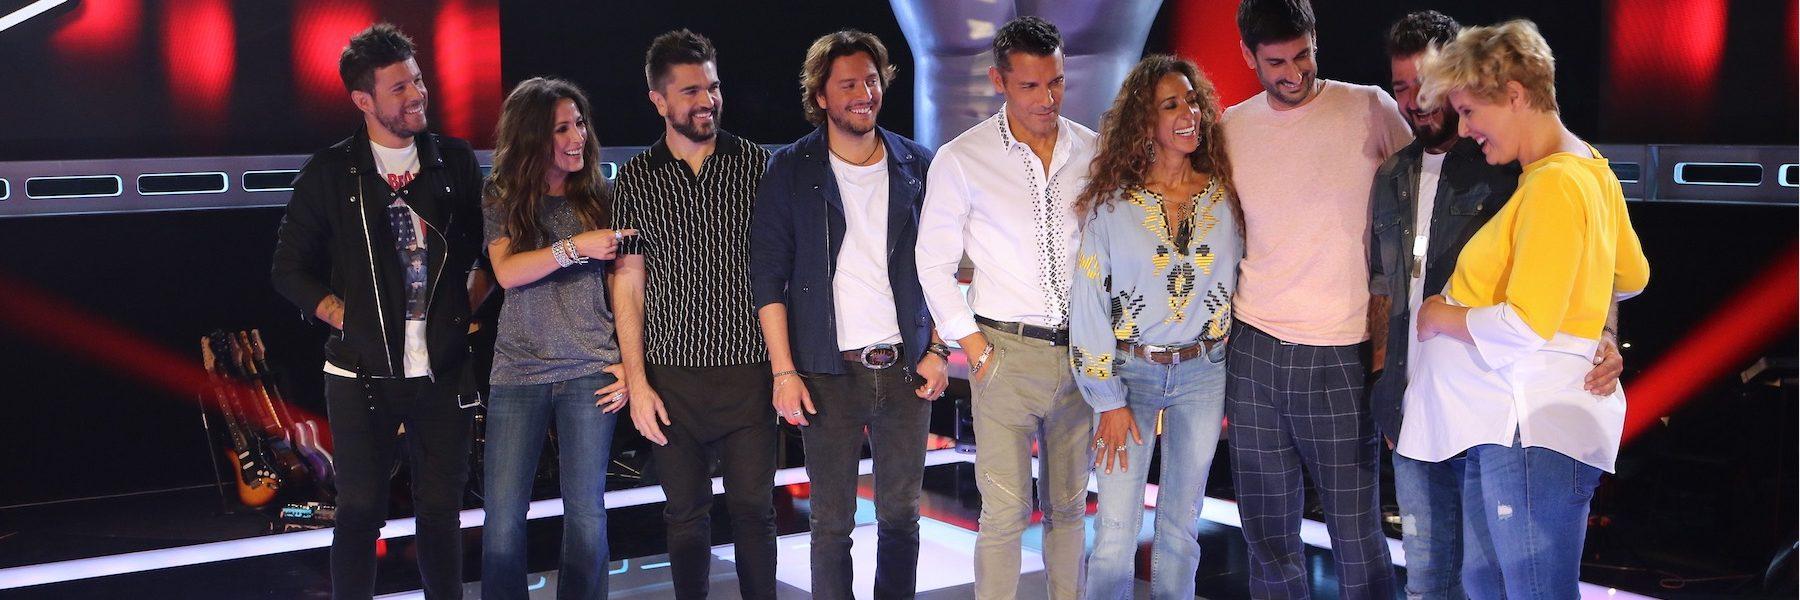 ¡La Voz regresa a Telecinco! Pasamos una mañana con el equipo y sus coaches